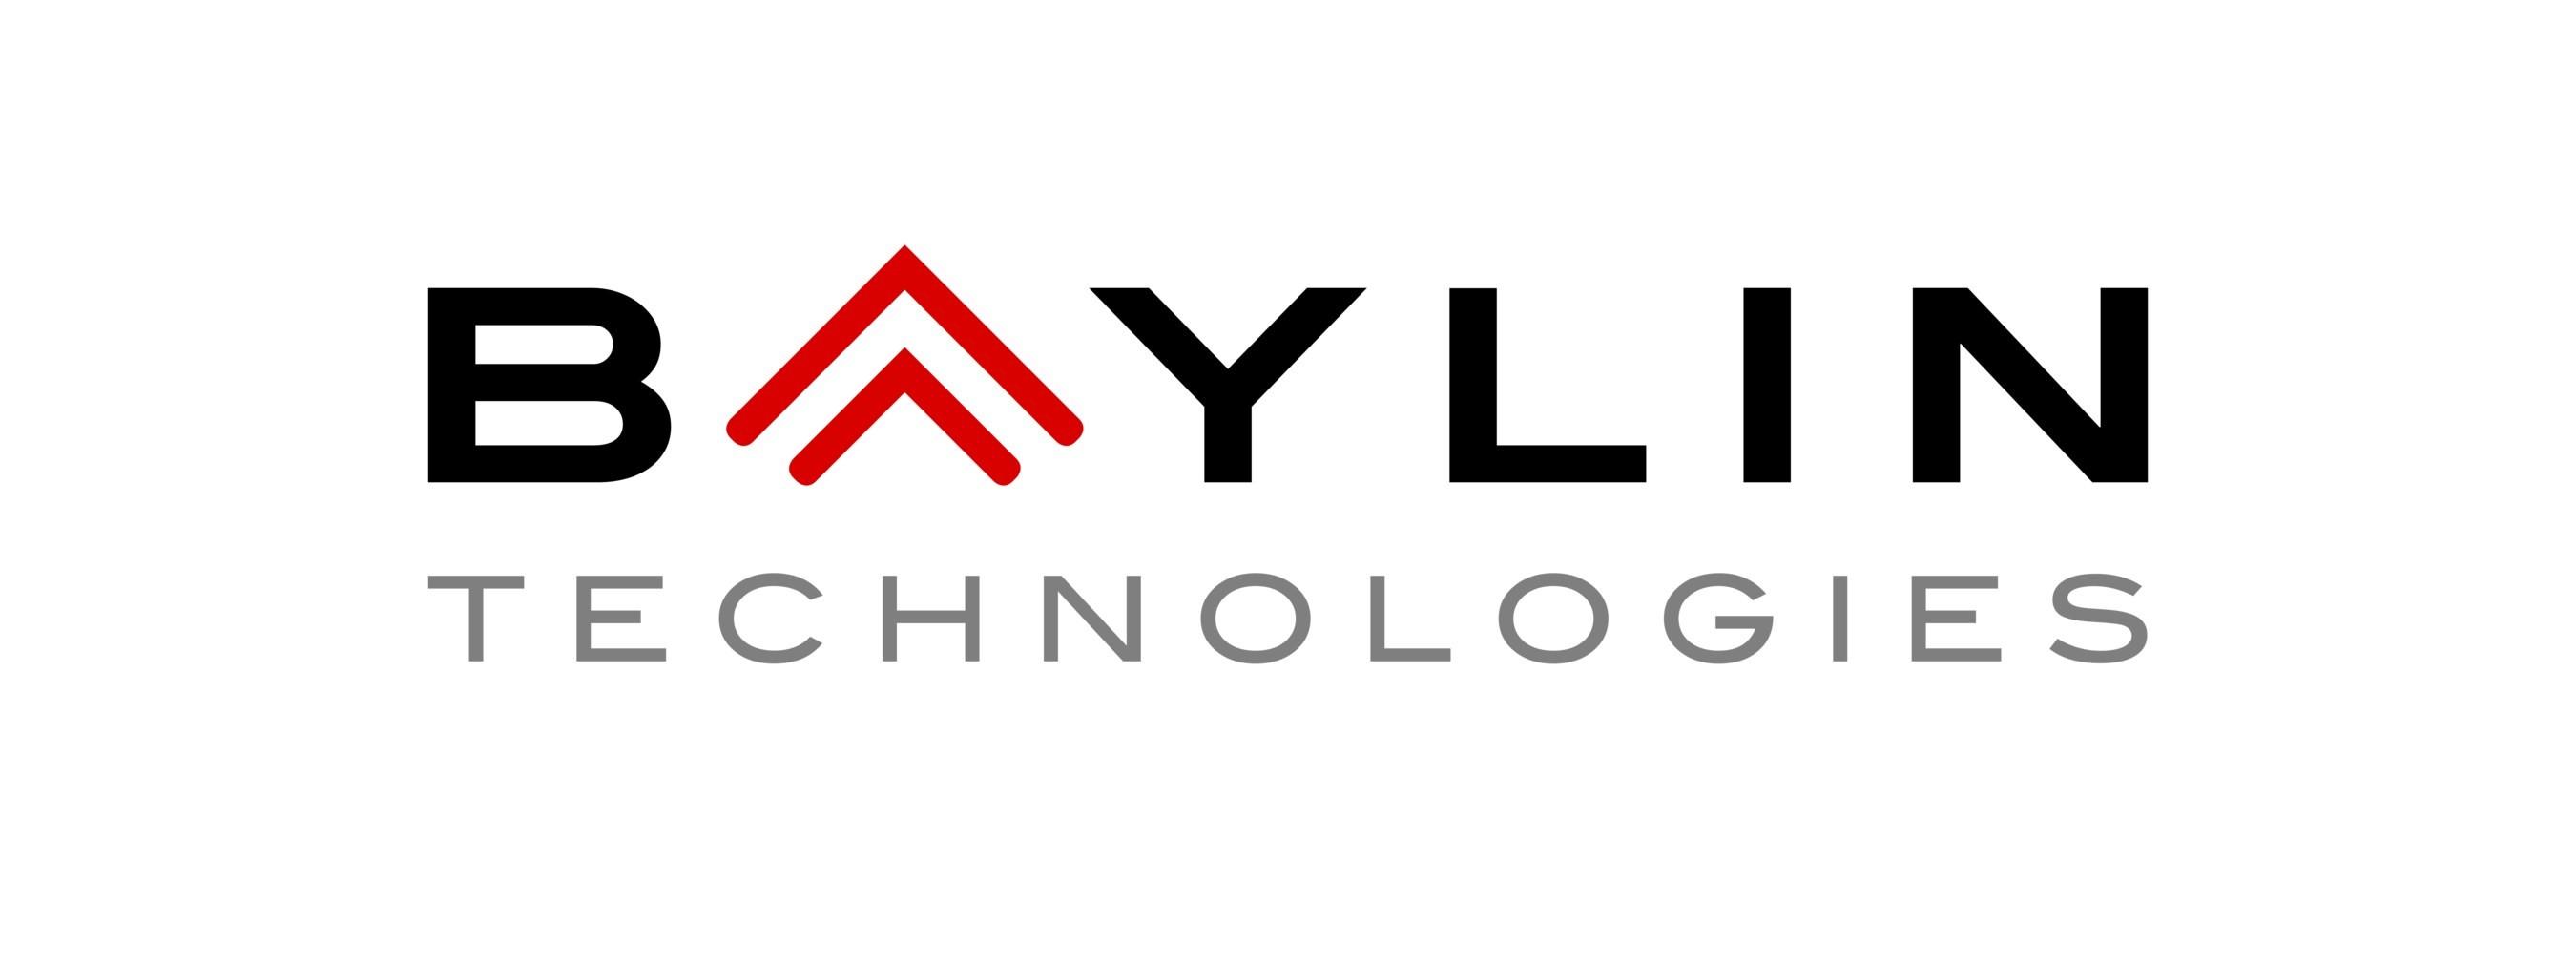 Baylin Technologies logo